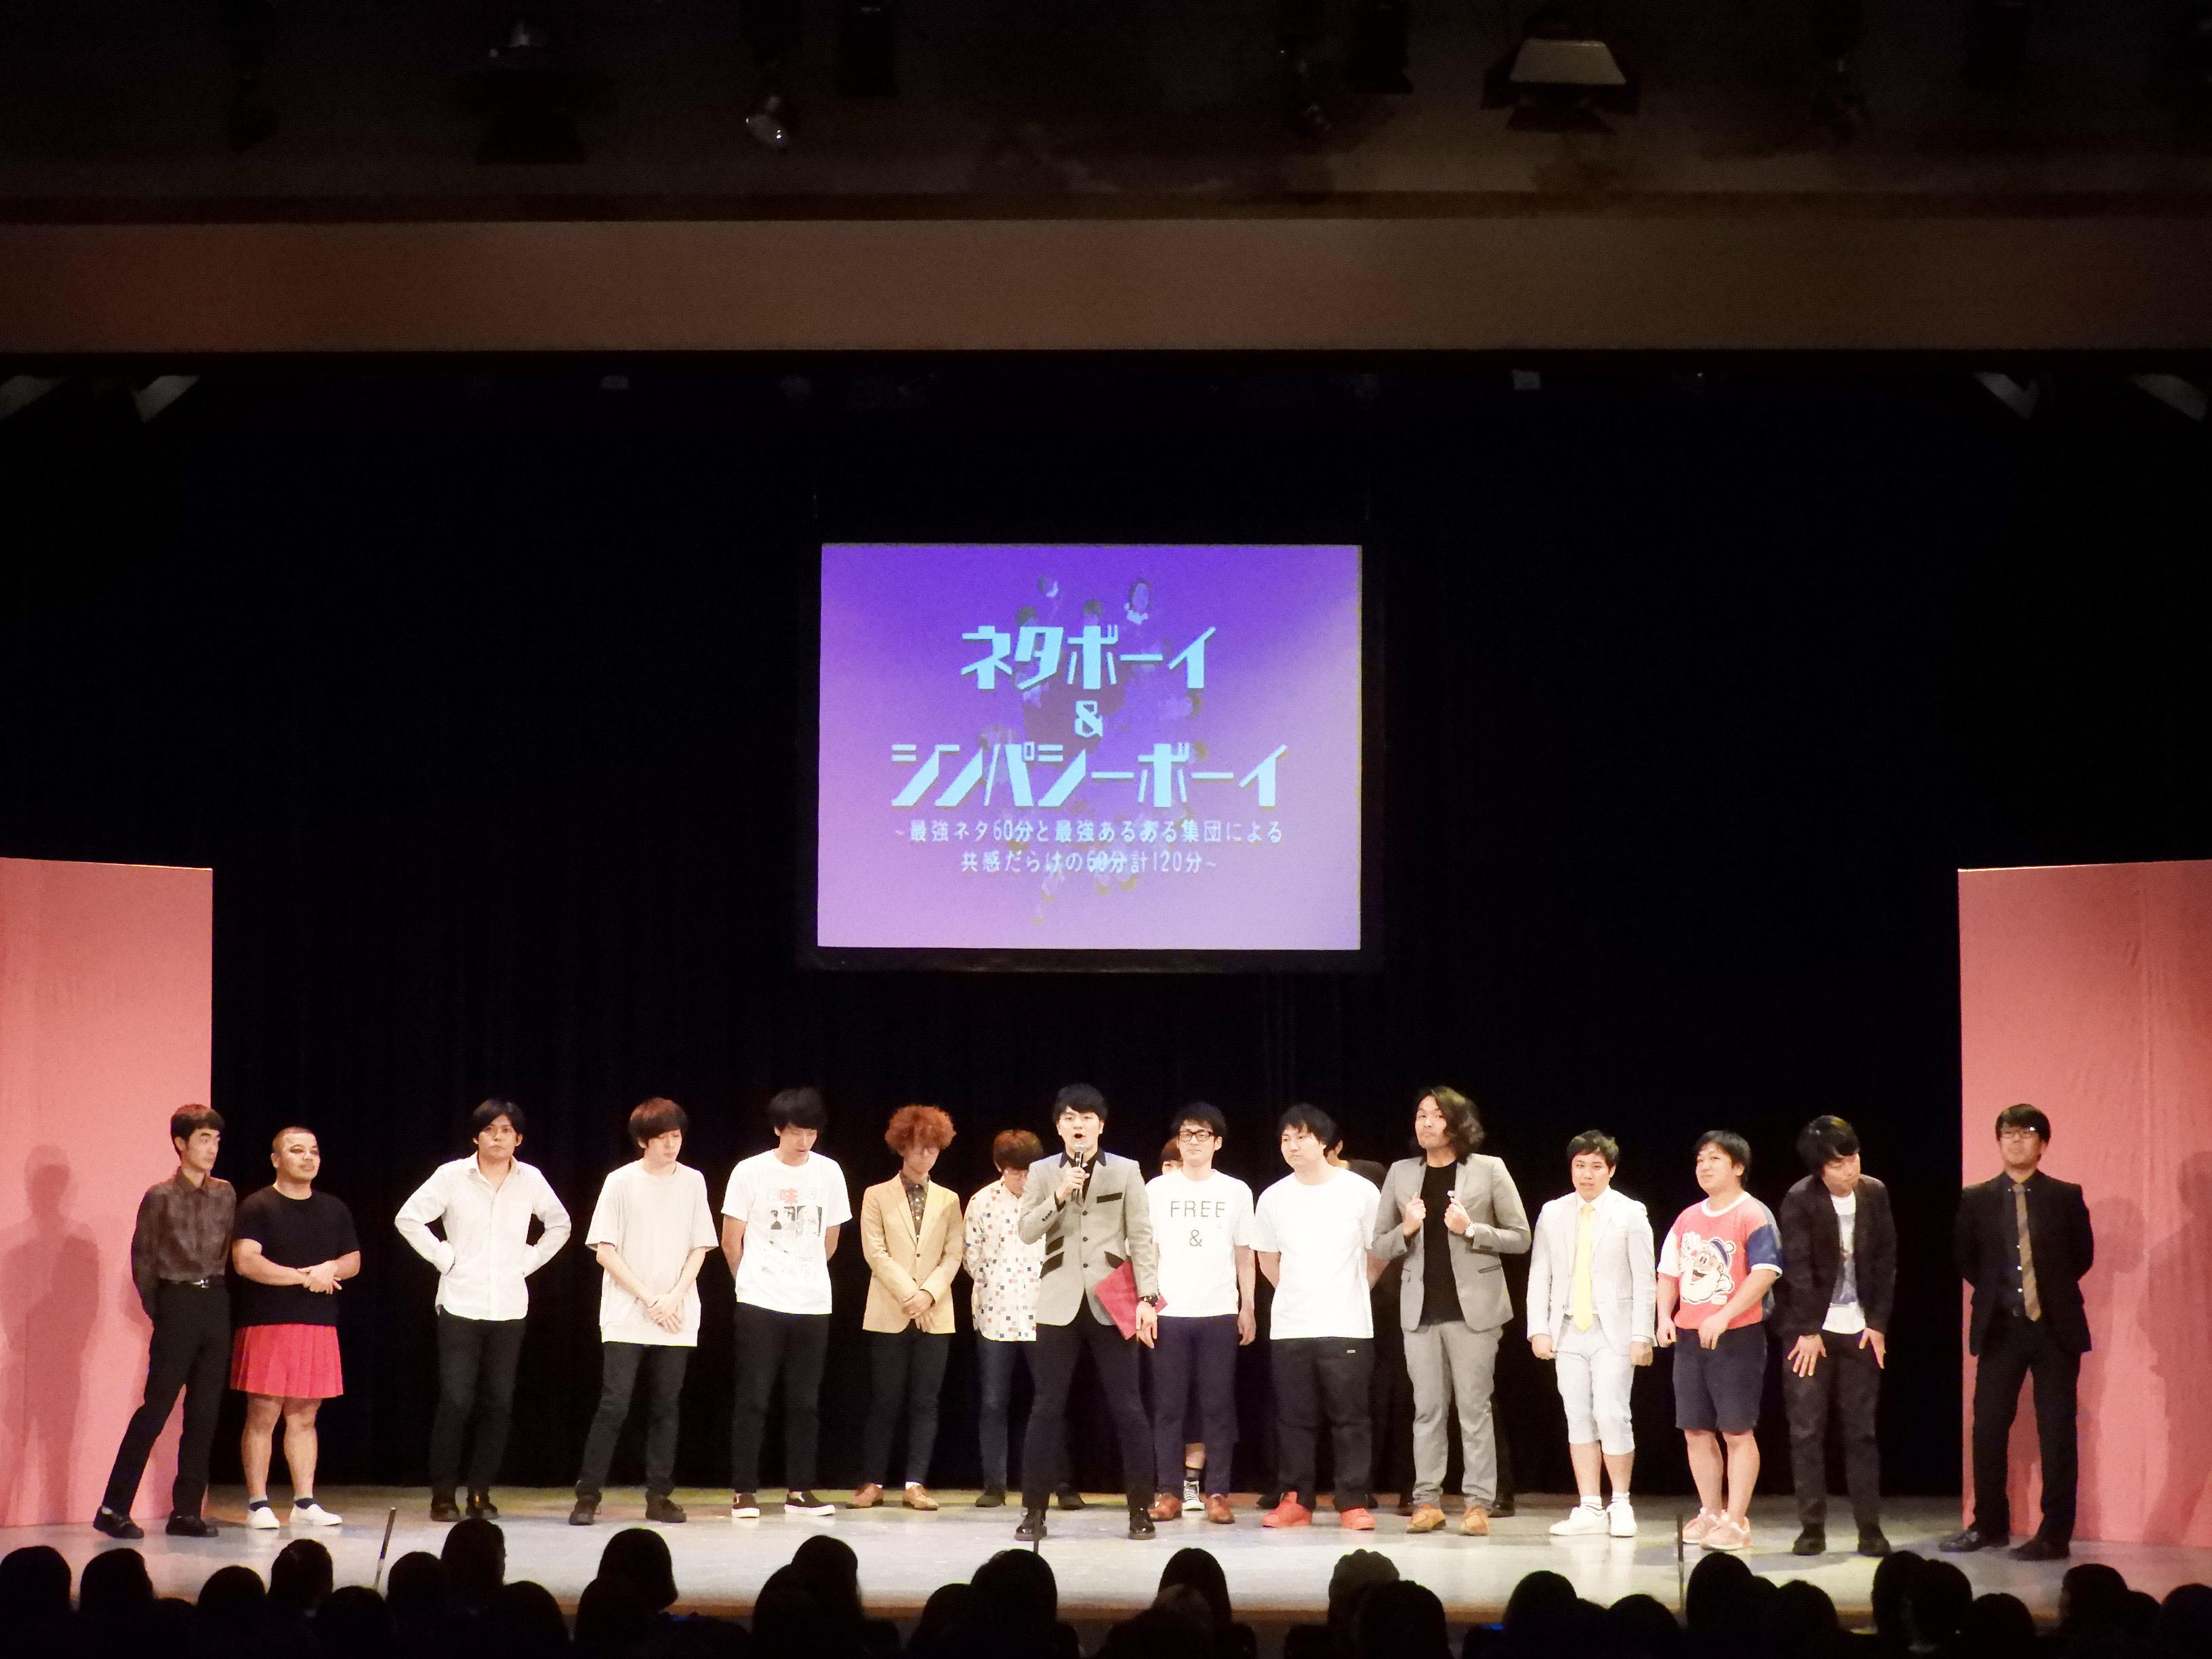 http://news.yoshimoto.co.jp/20180926121200-60cb2f9da143670b0246f81c58db2db57850deae.jpg